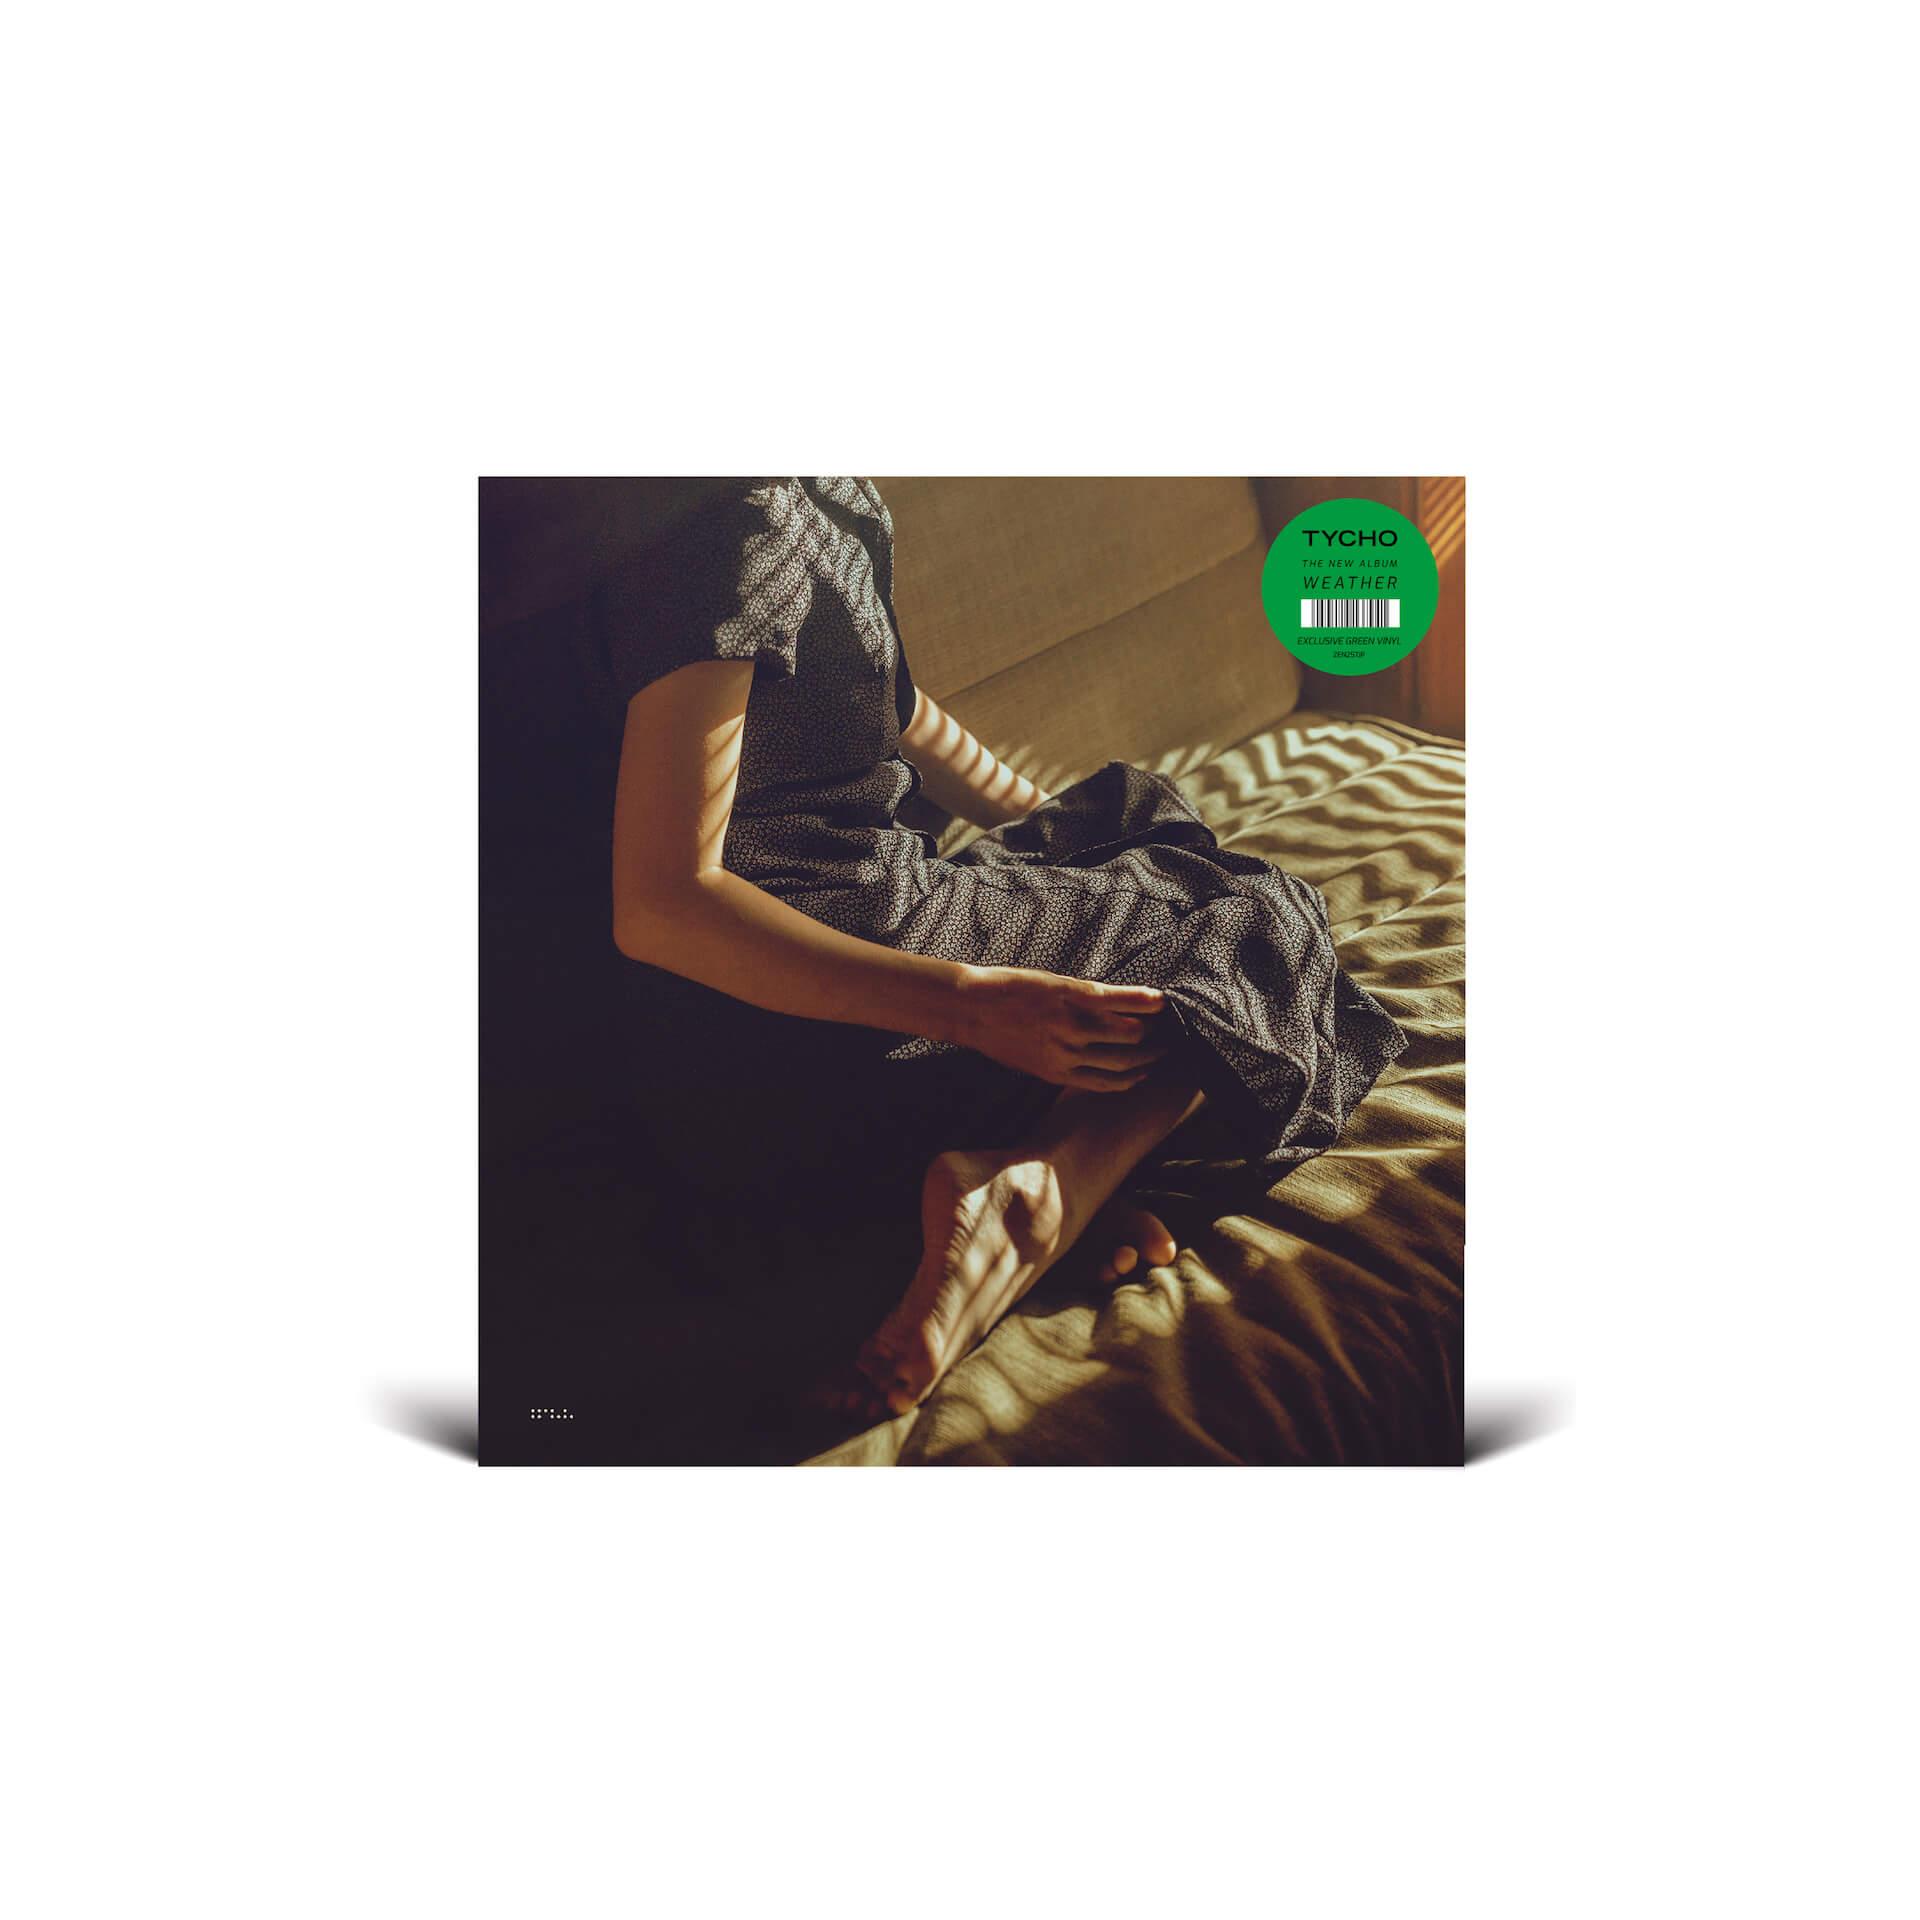 グラミー賞にもノミネートされたティコ、ニューアルバム『Simulcast』リリースを発表|収録曲「Outer Sunset」を公開 music200130_tycho_5